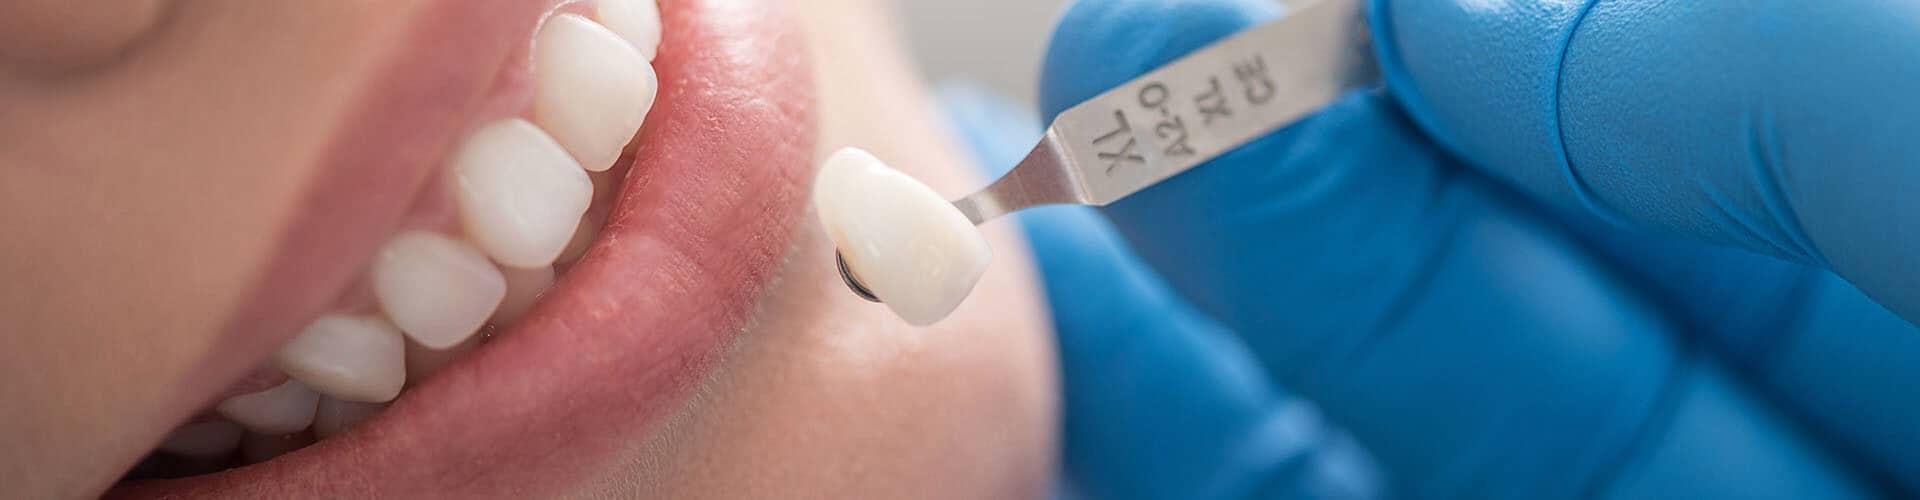 coroas dentárias, facetas dentárias, porcelana dentária, estética dentária